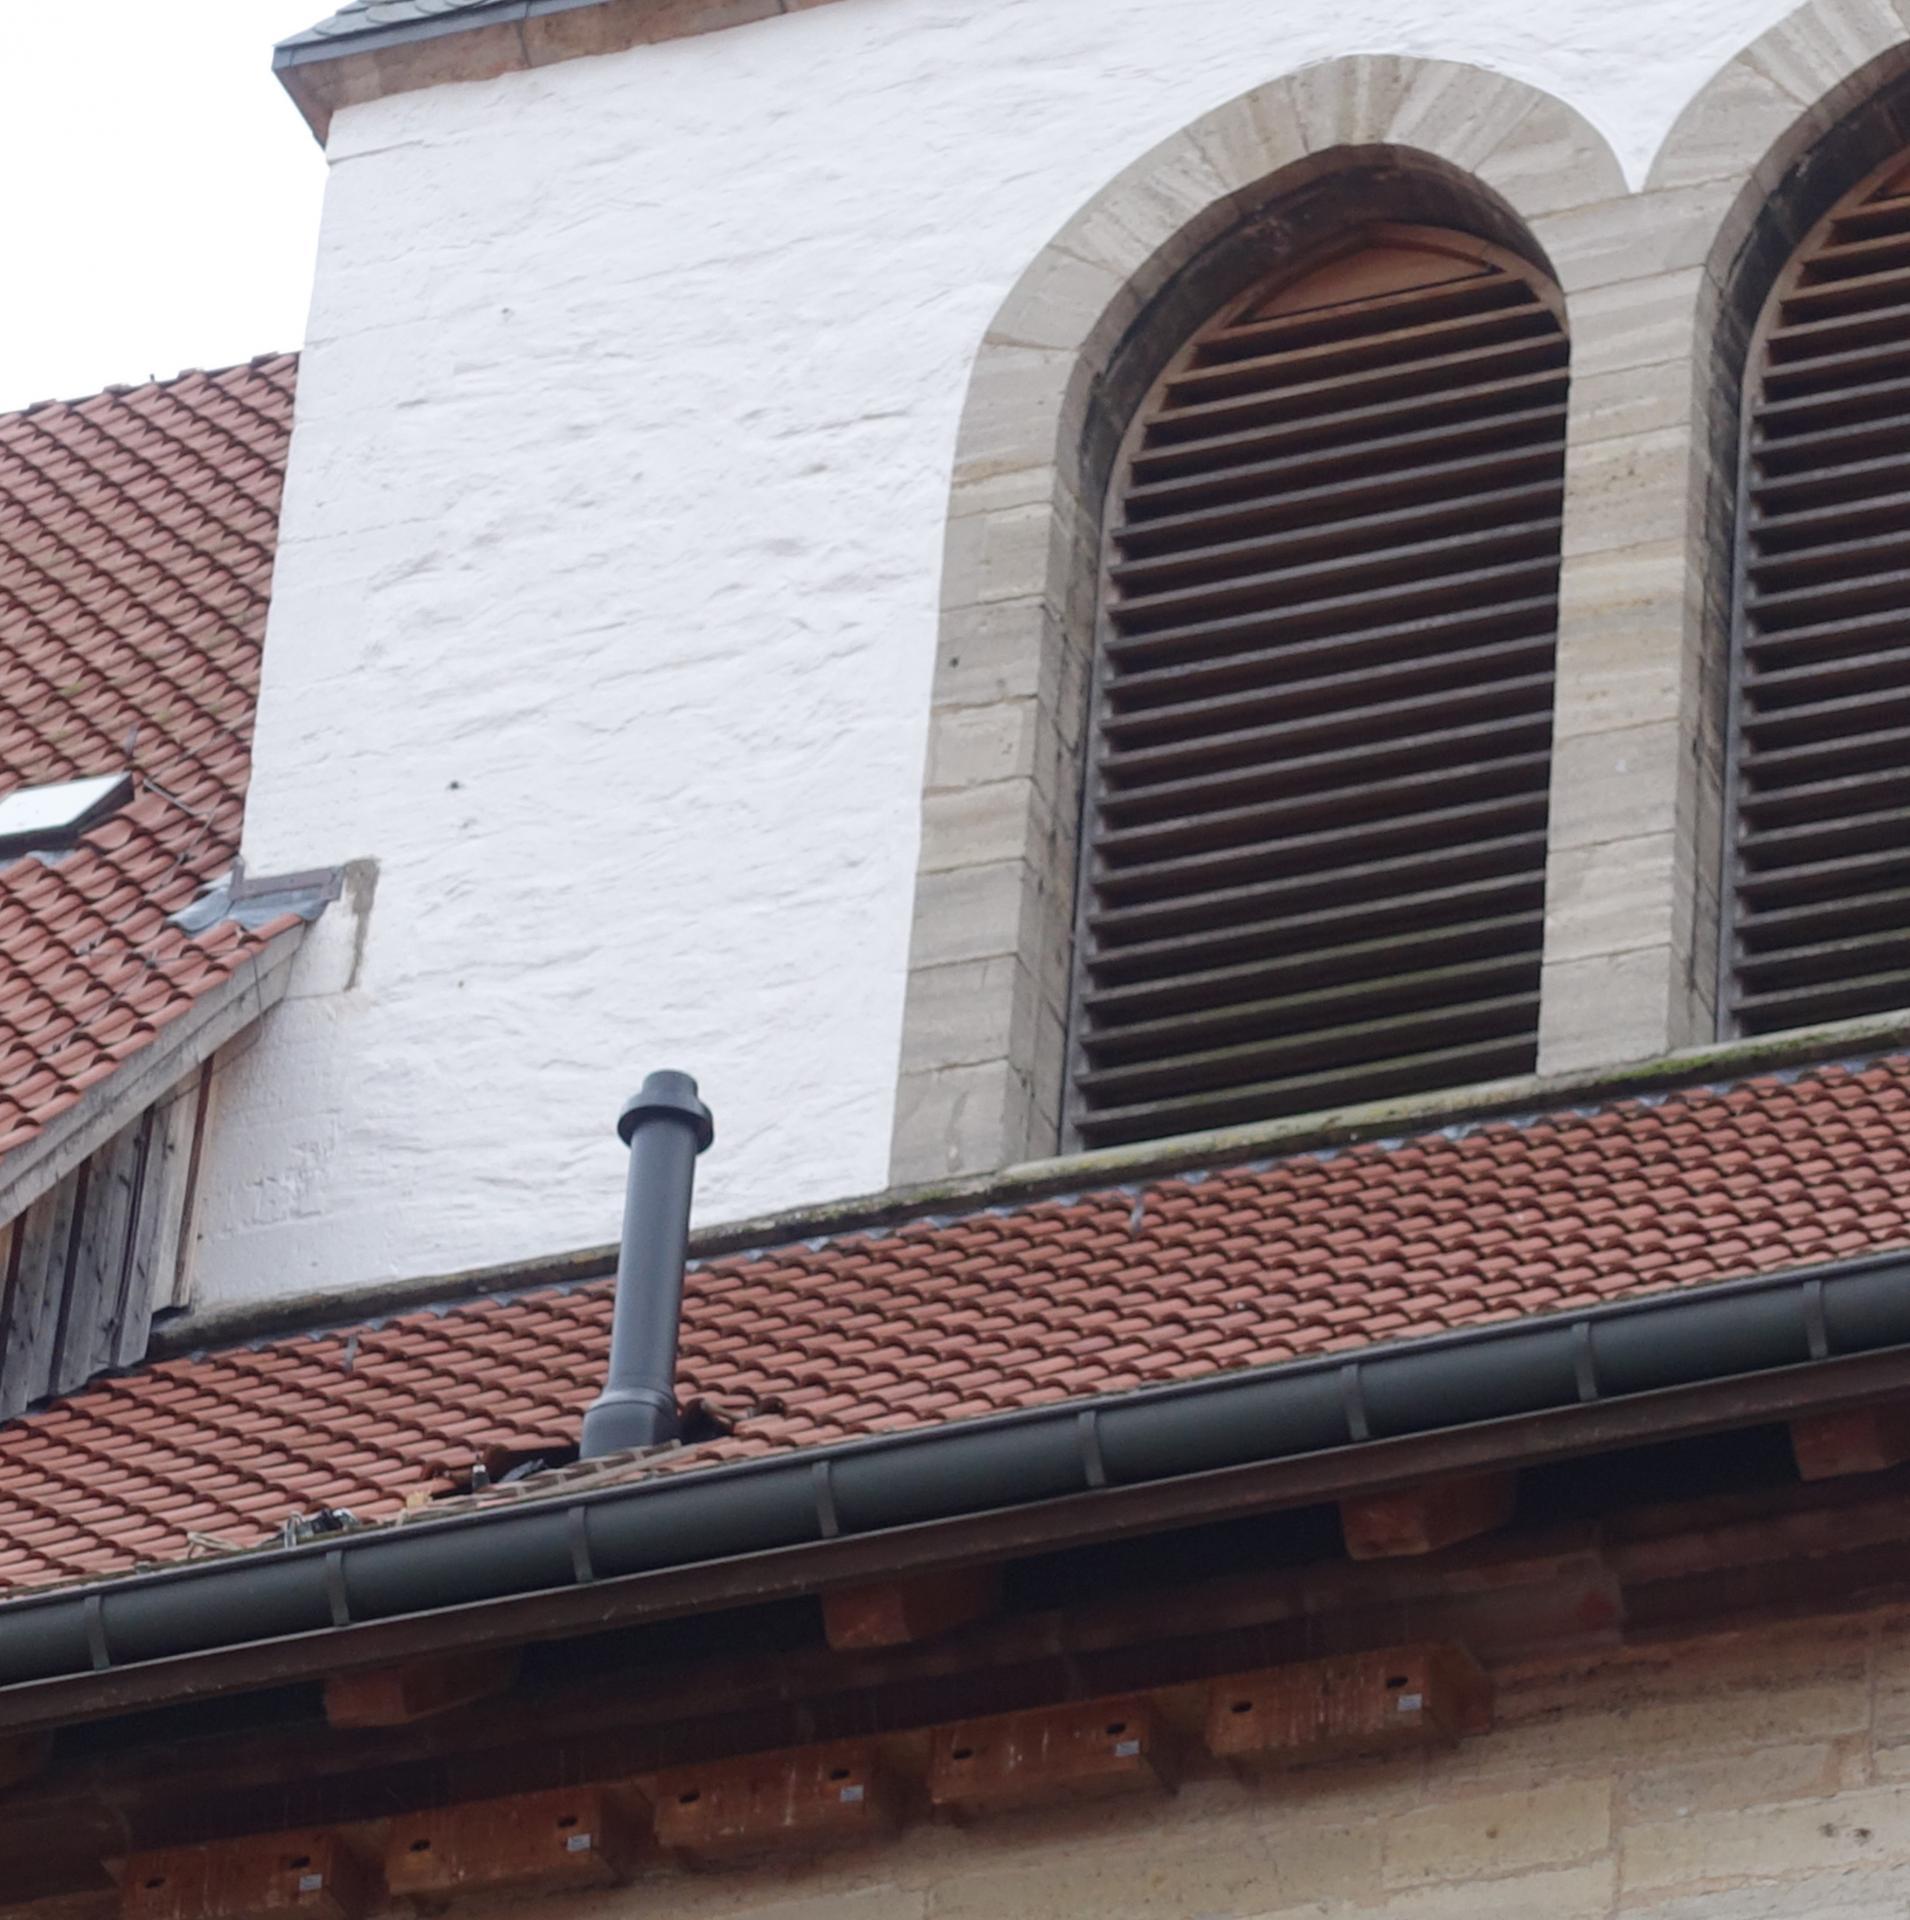 S4 zeigt den Schornstein, der auf dem Dach ja klein aussieht